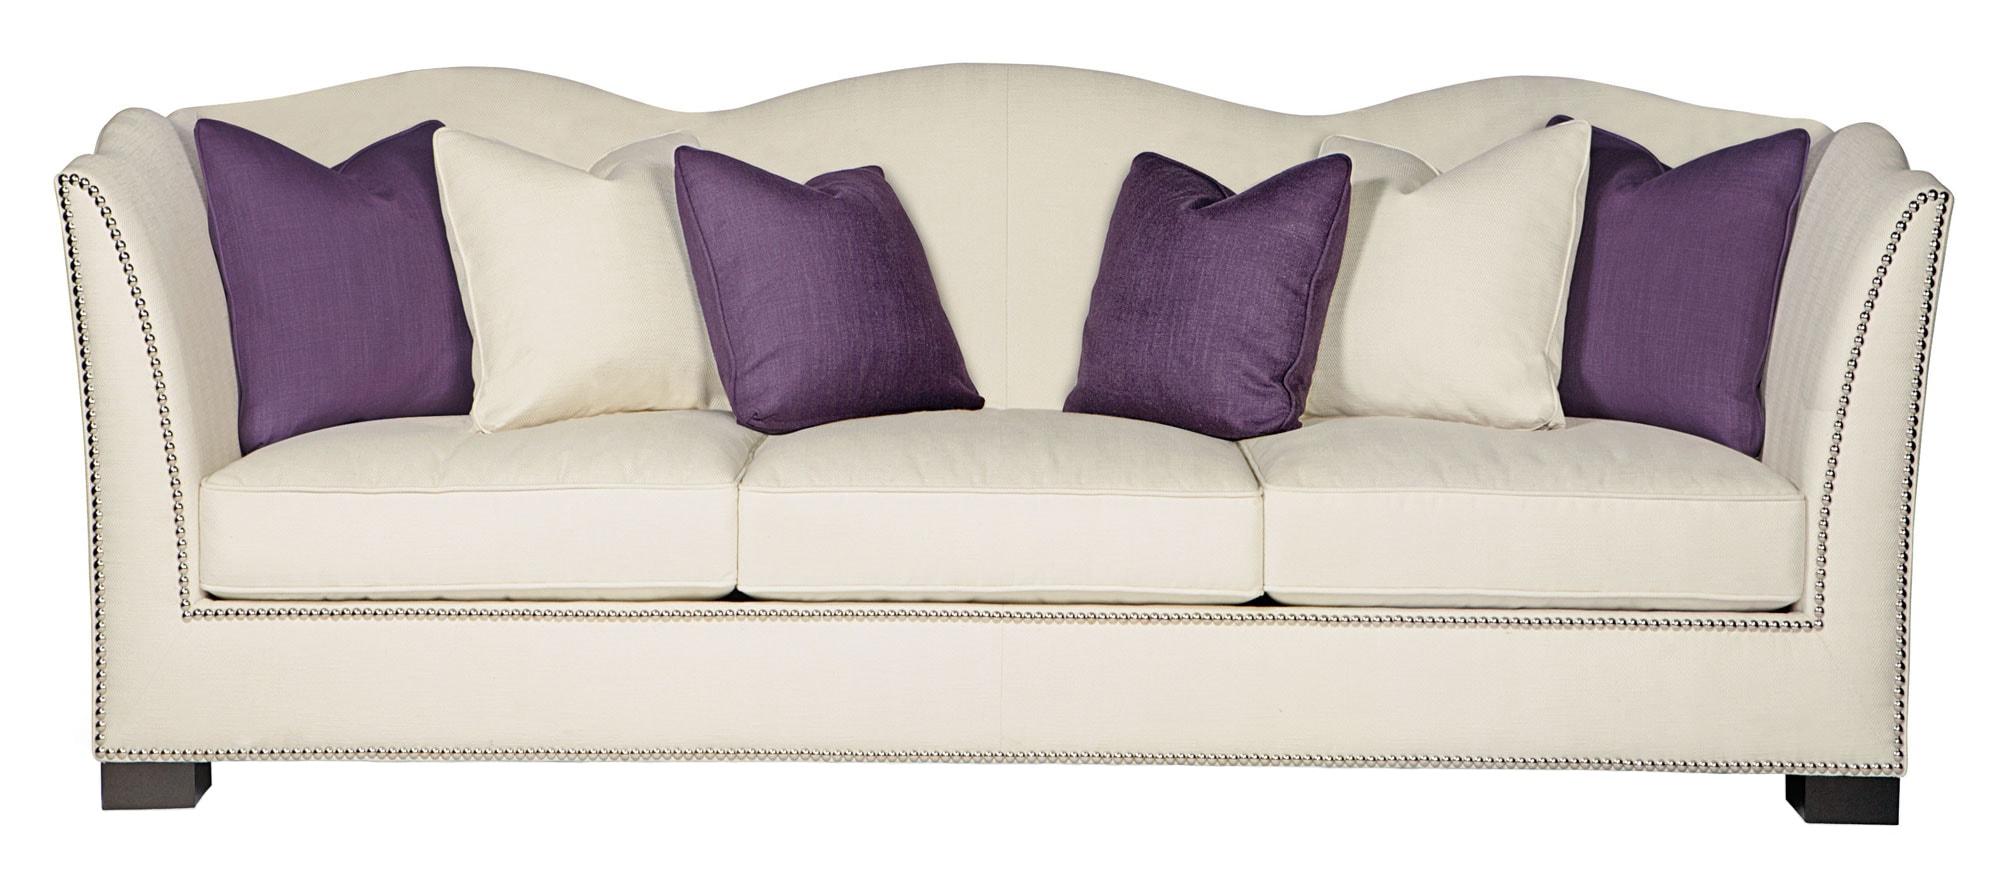 white-couch.jpg